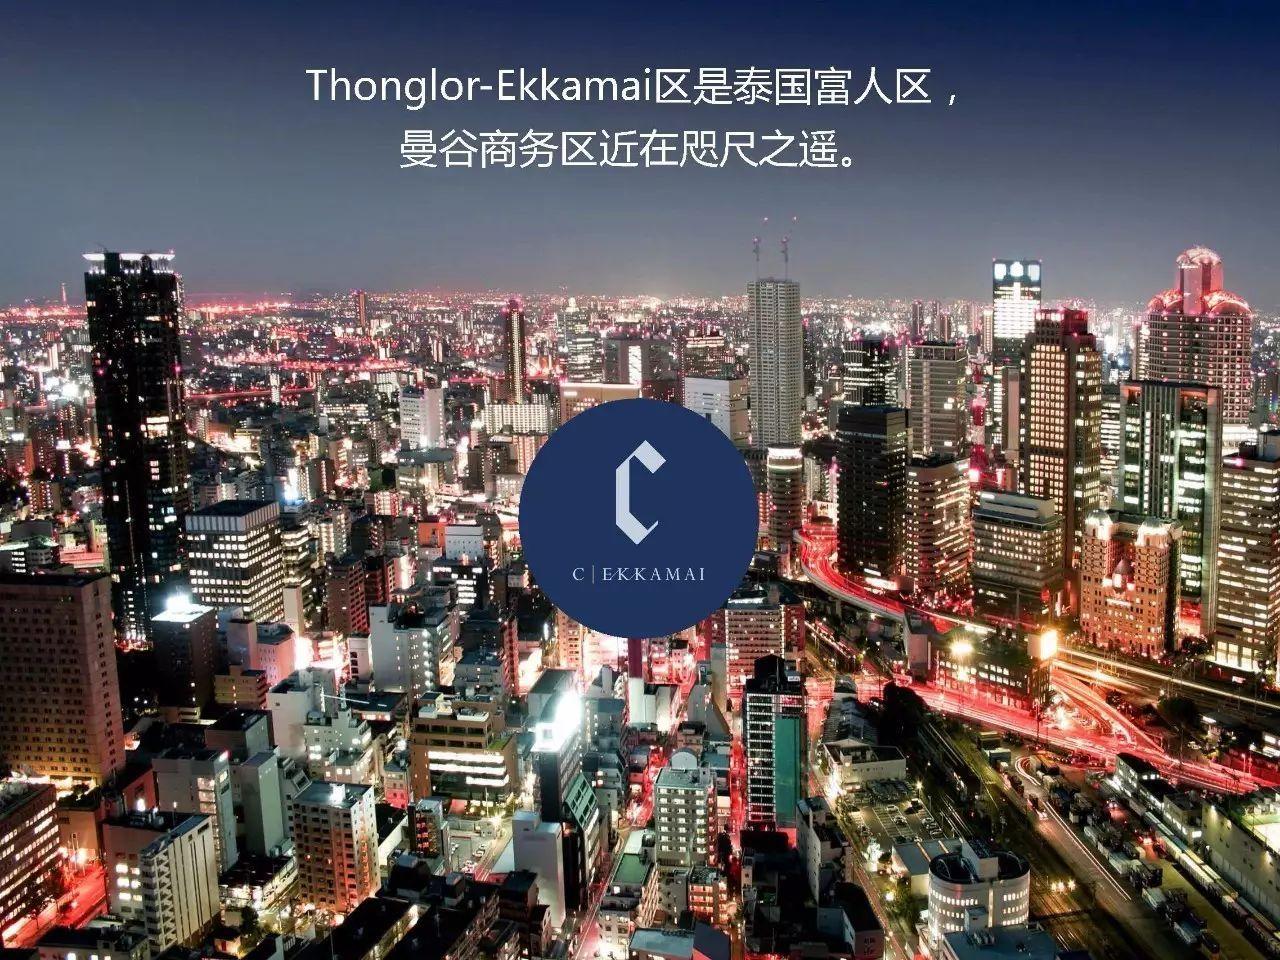 曼谷公寓-高端精品住宅项目-C Ekkamai